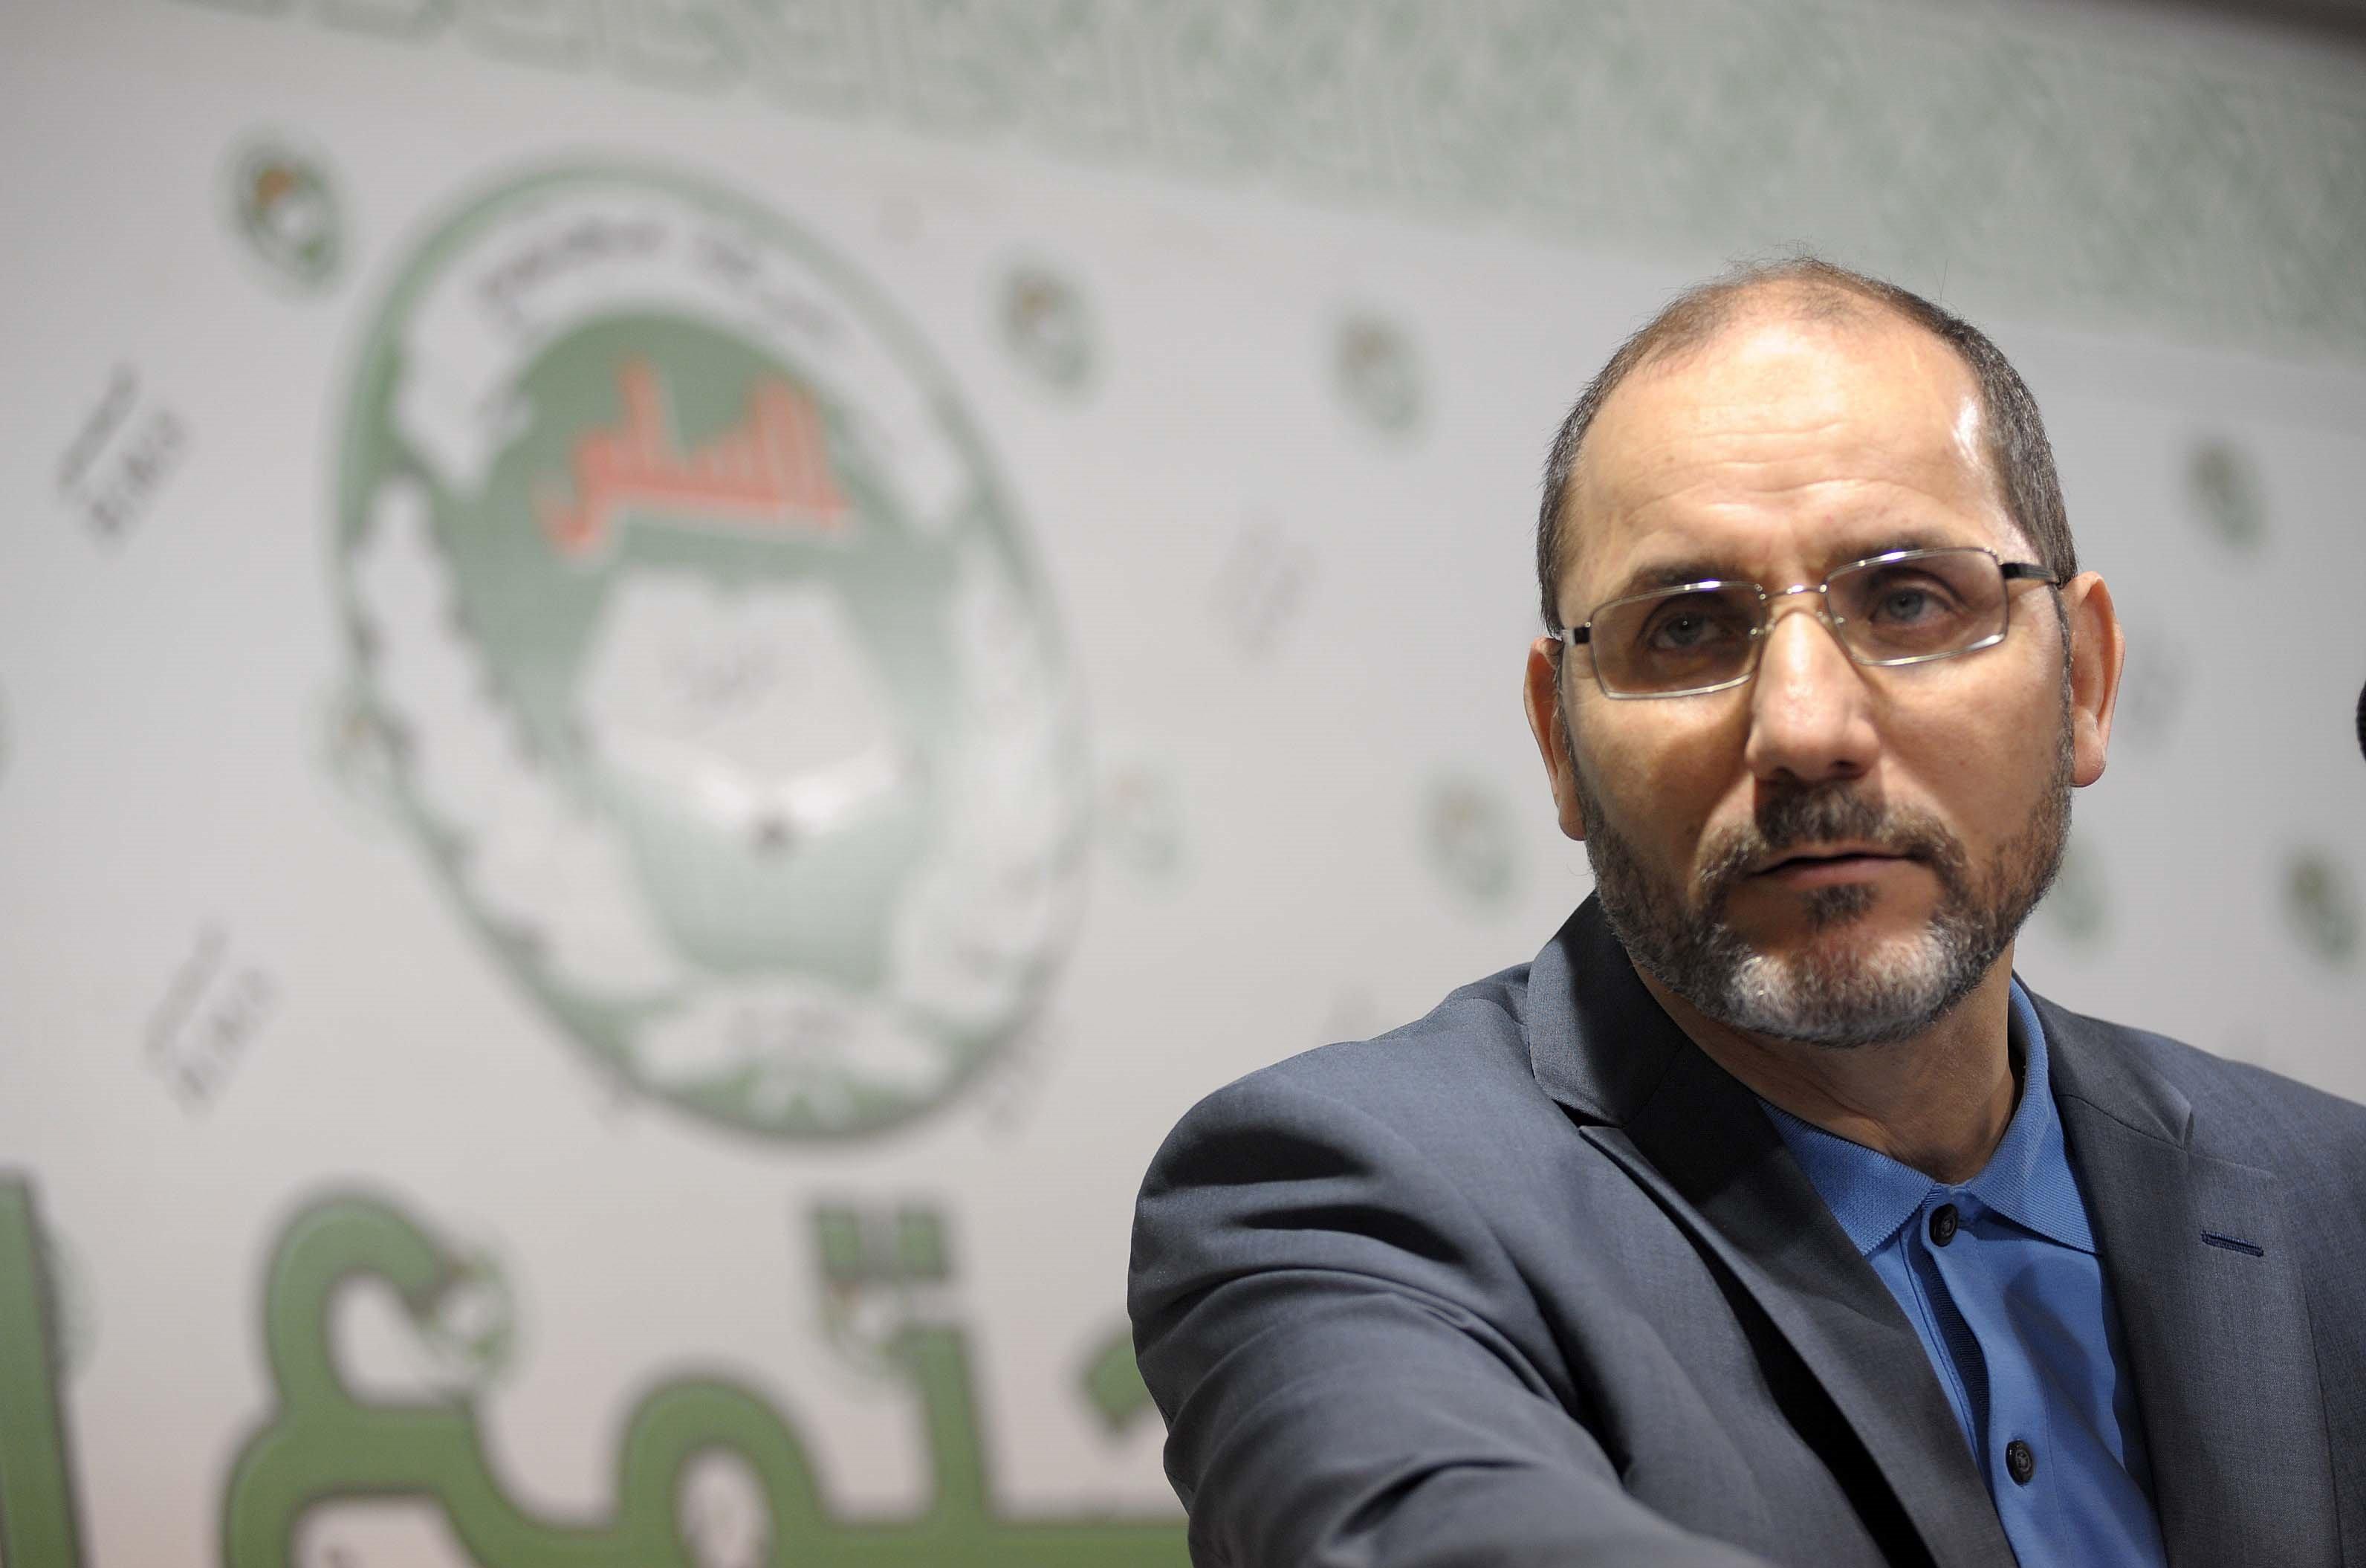 Curieux retournement du porte-voix des Frères musulmans en Algérie contre Erdogan